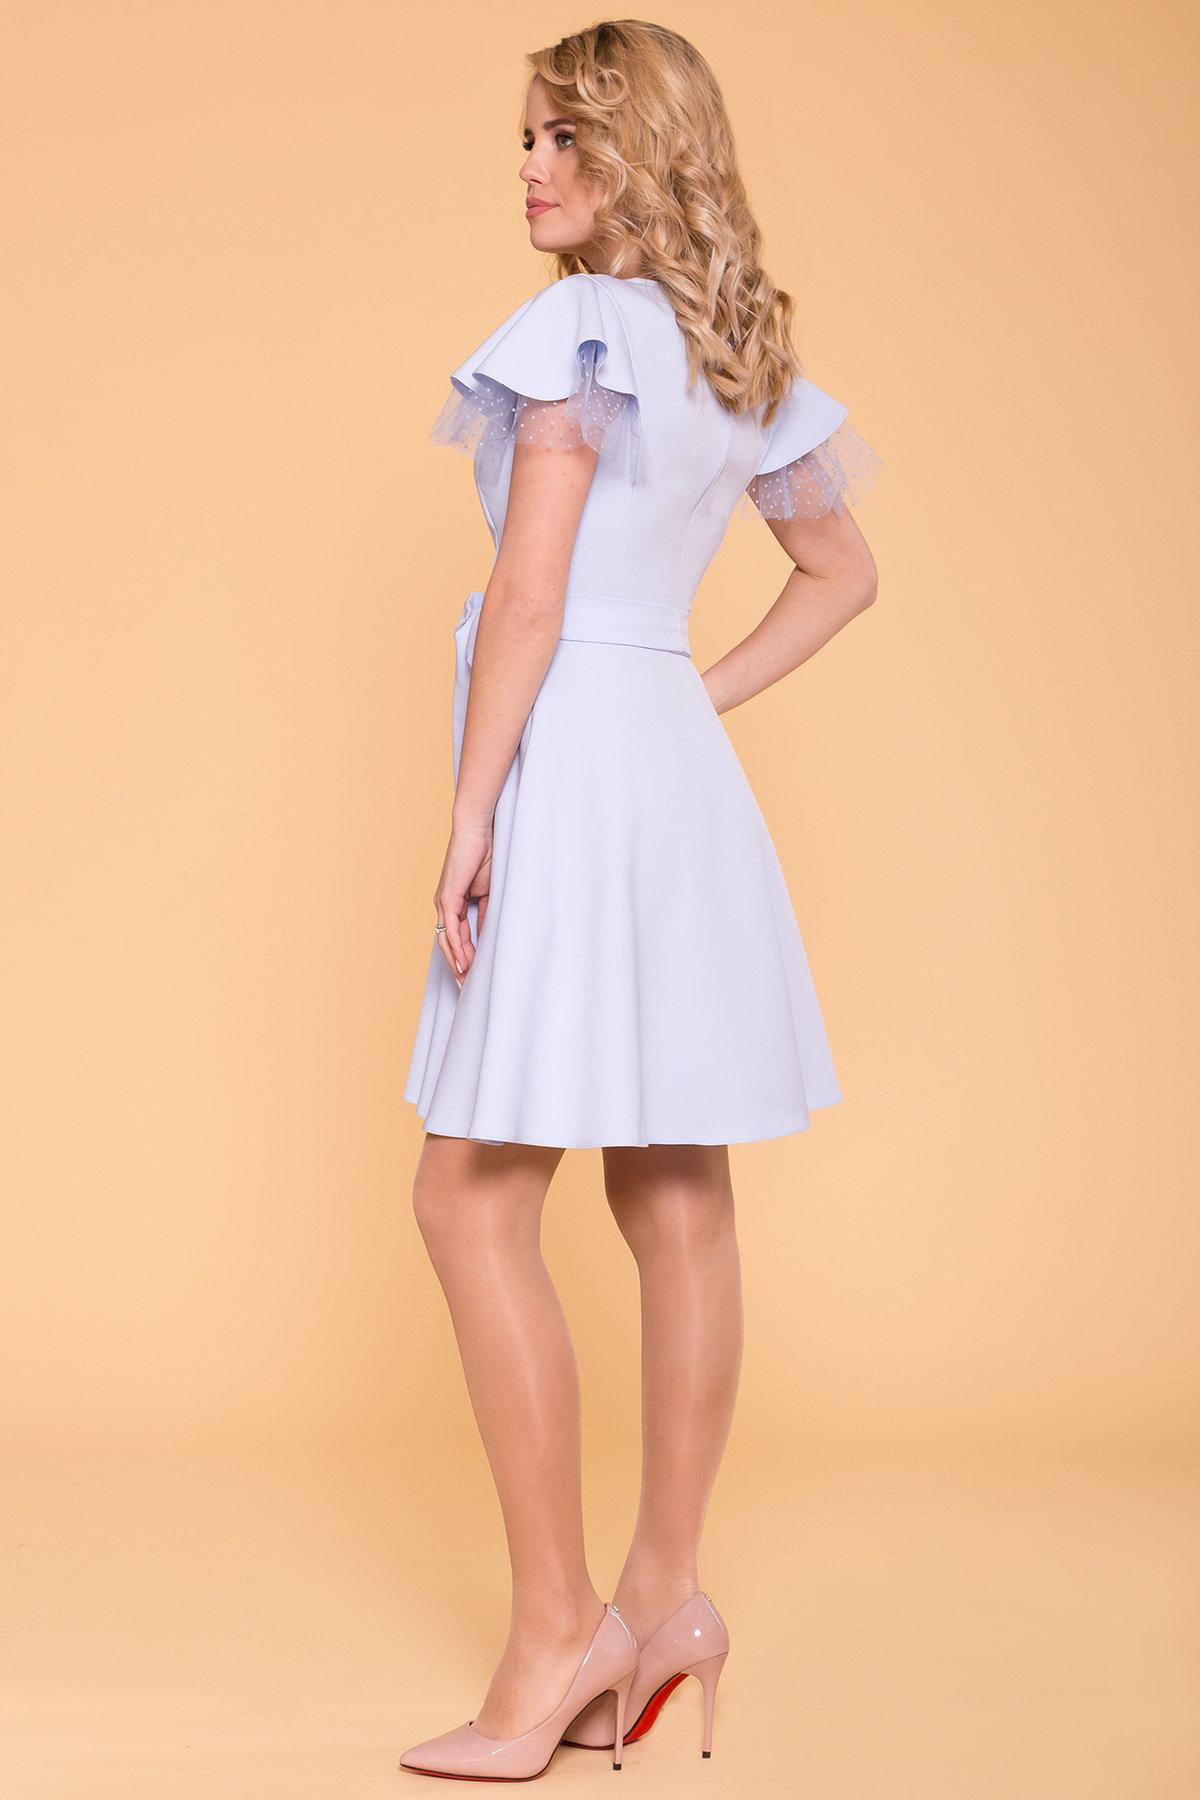 Платье с воланами на плечах Милея 6788 АРТ. 42017 Цвет: Голубой - фото 3, интернет магазин tm-modus.ru